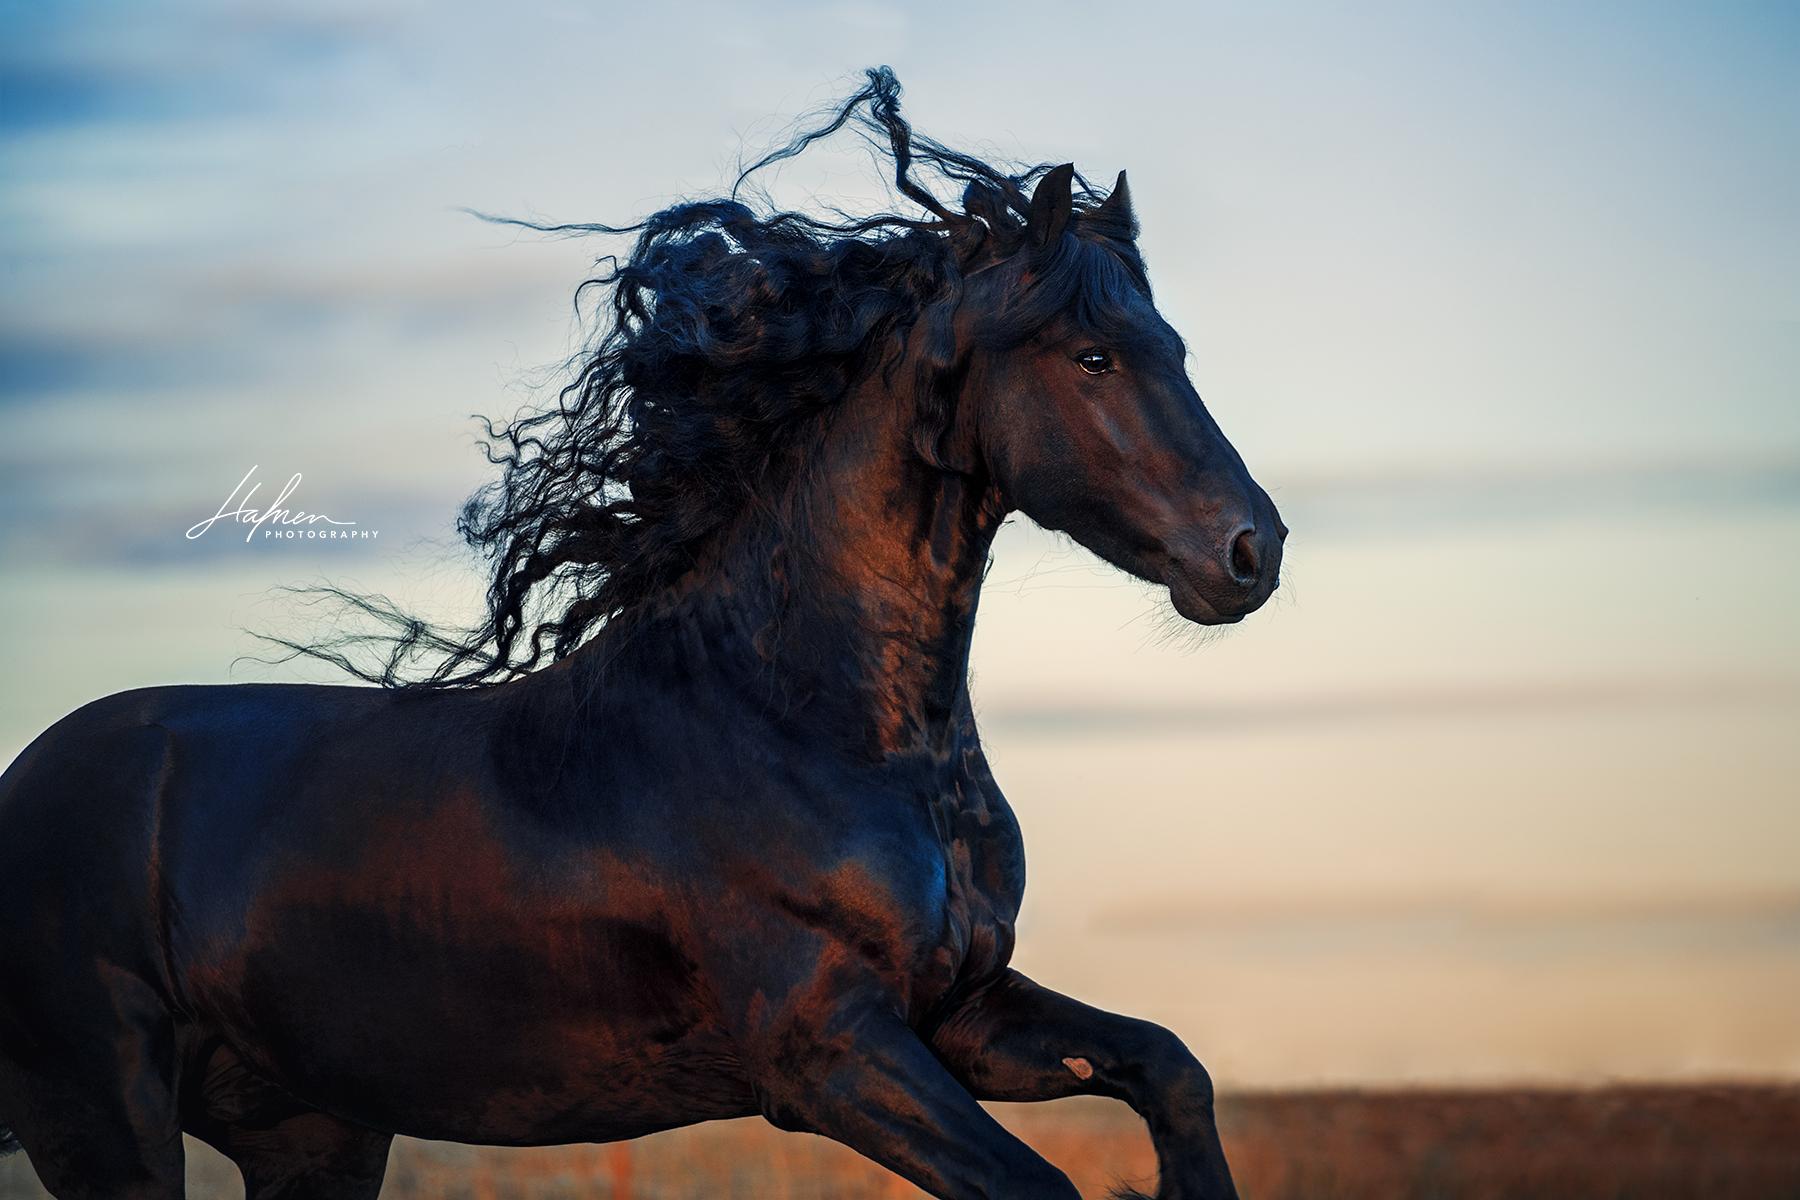 Wilde Pferde Bilder Für Facebook - Wilde Pferde Bilder Für Facebook